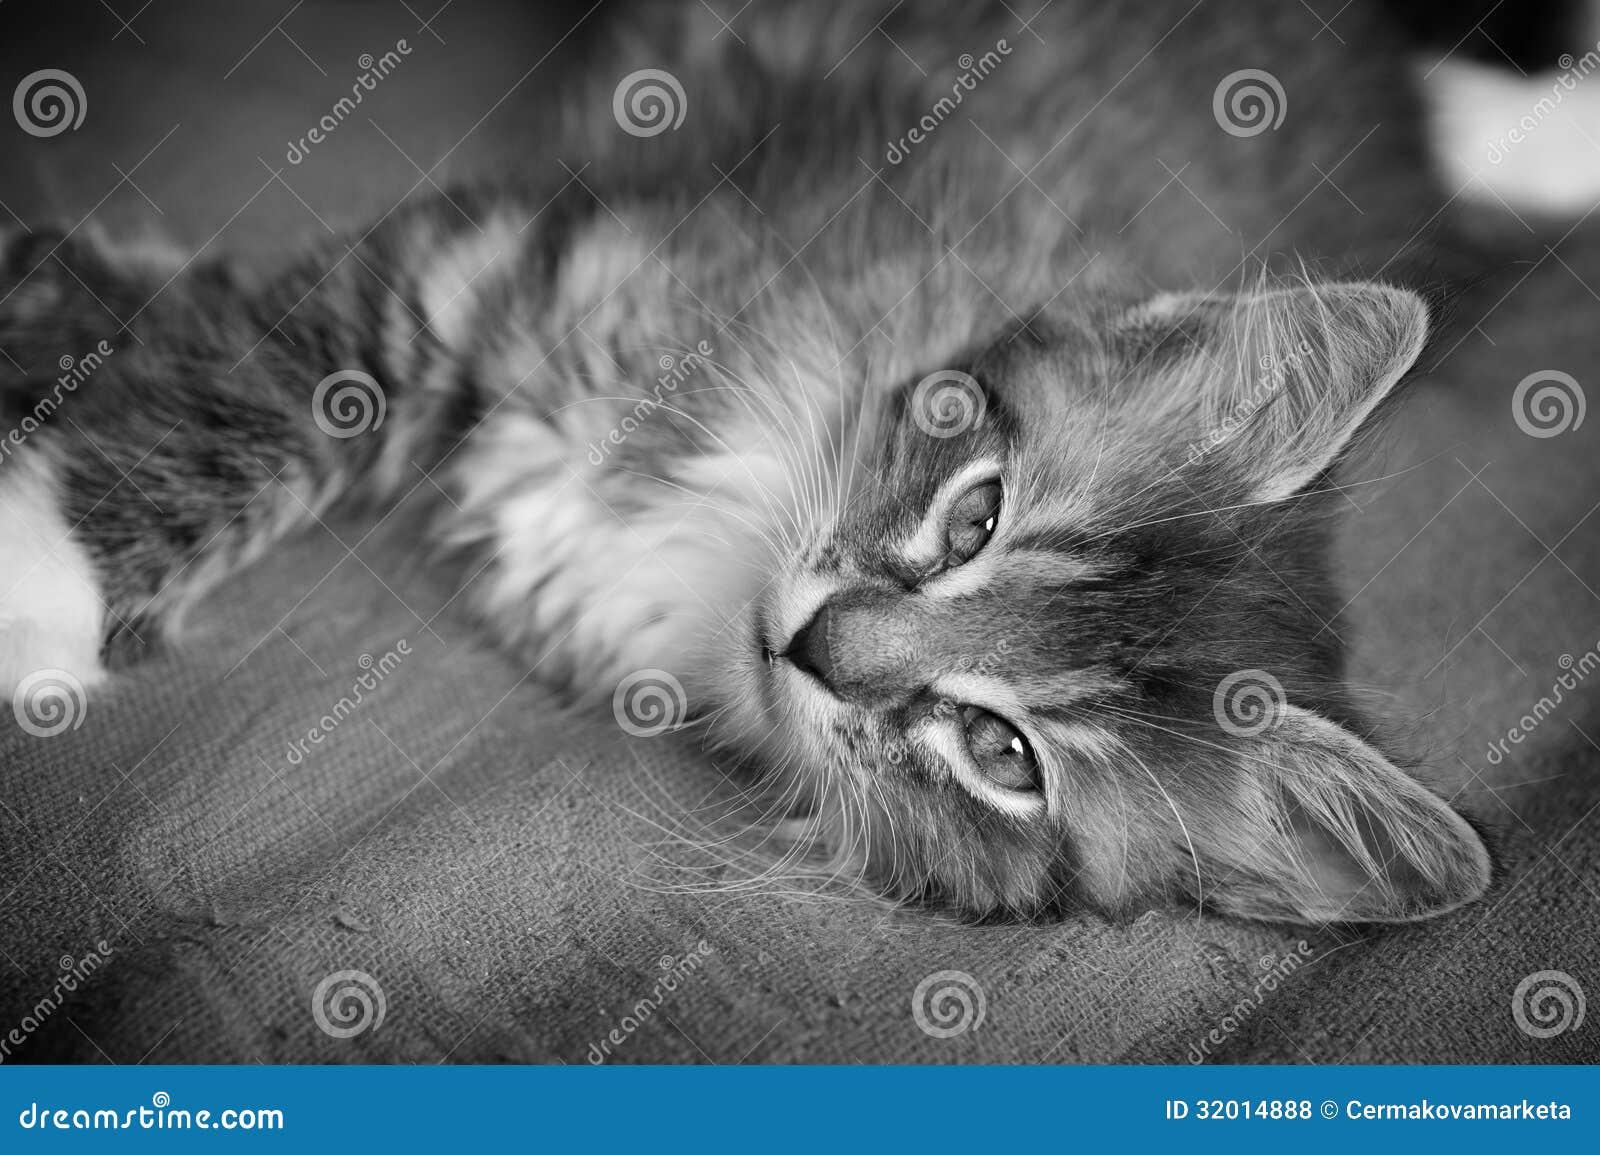 Hairy Kitten 19